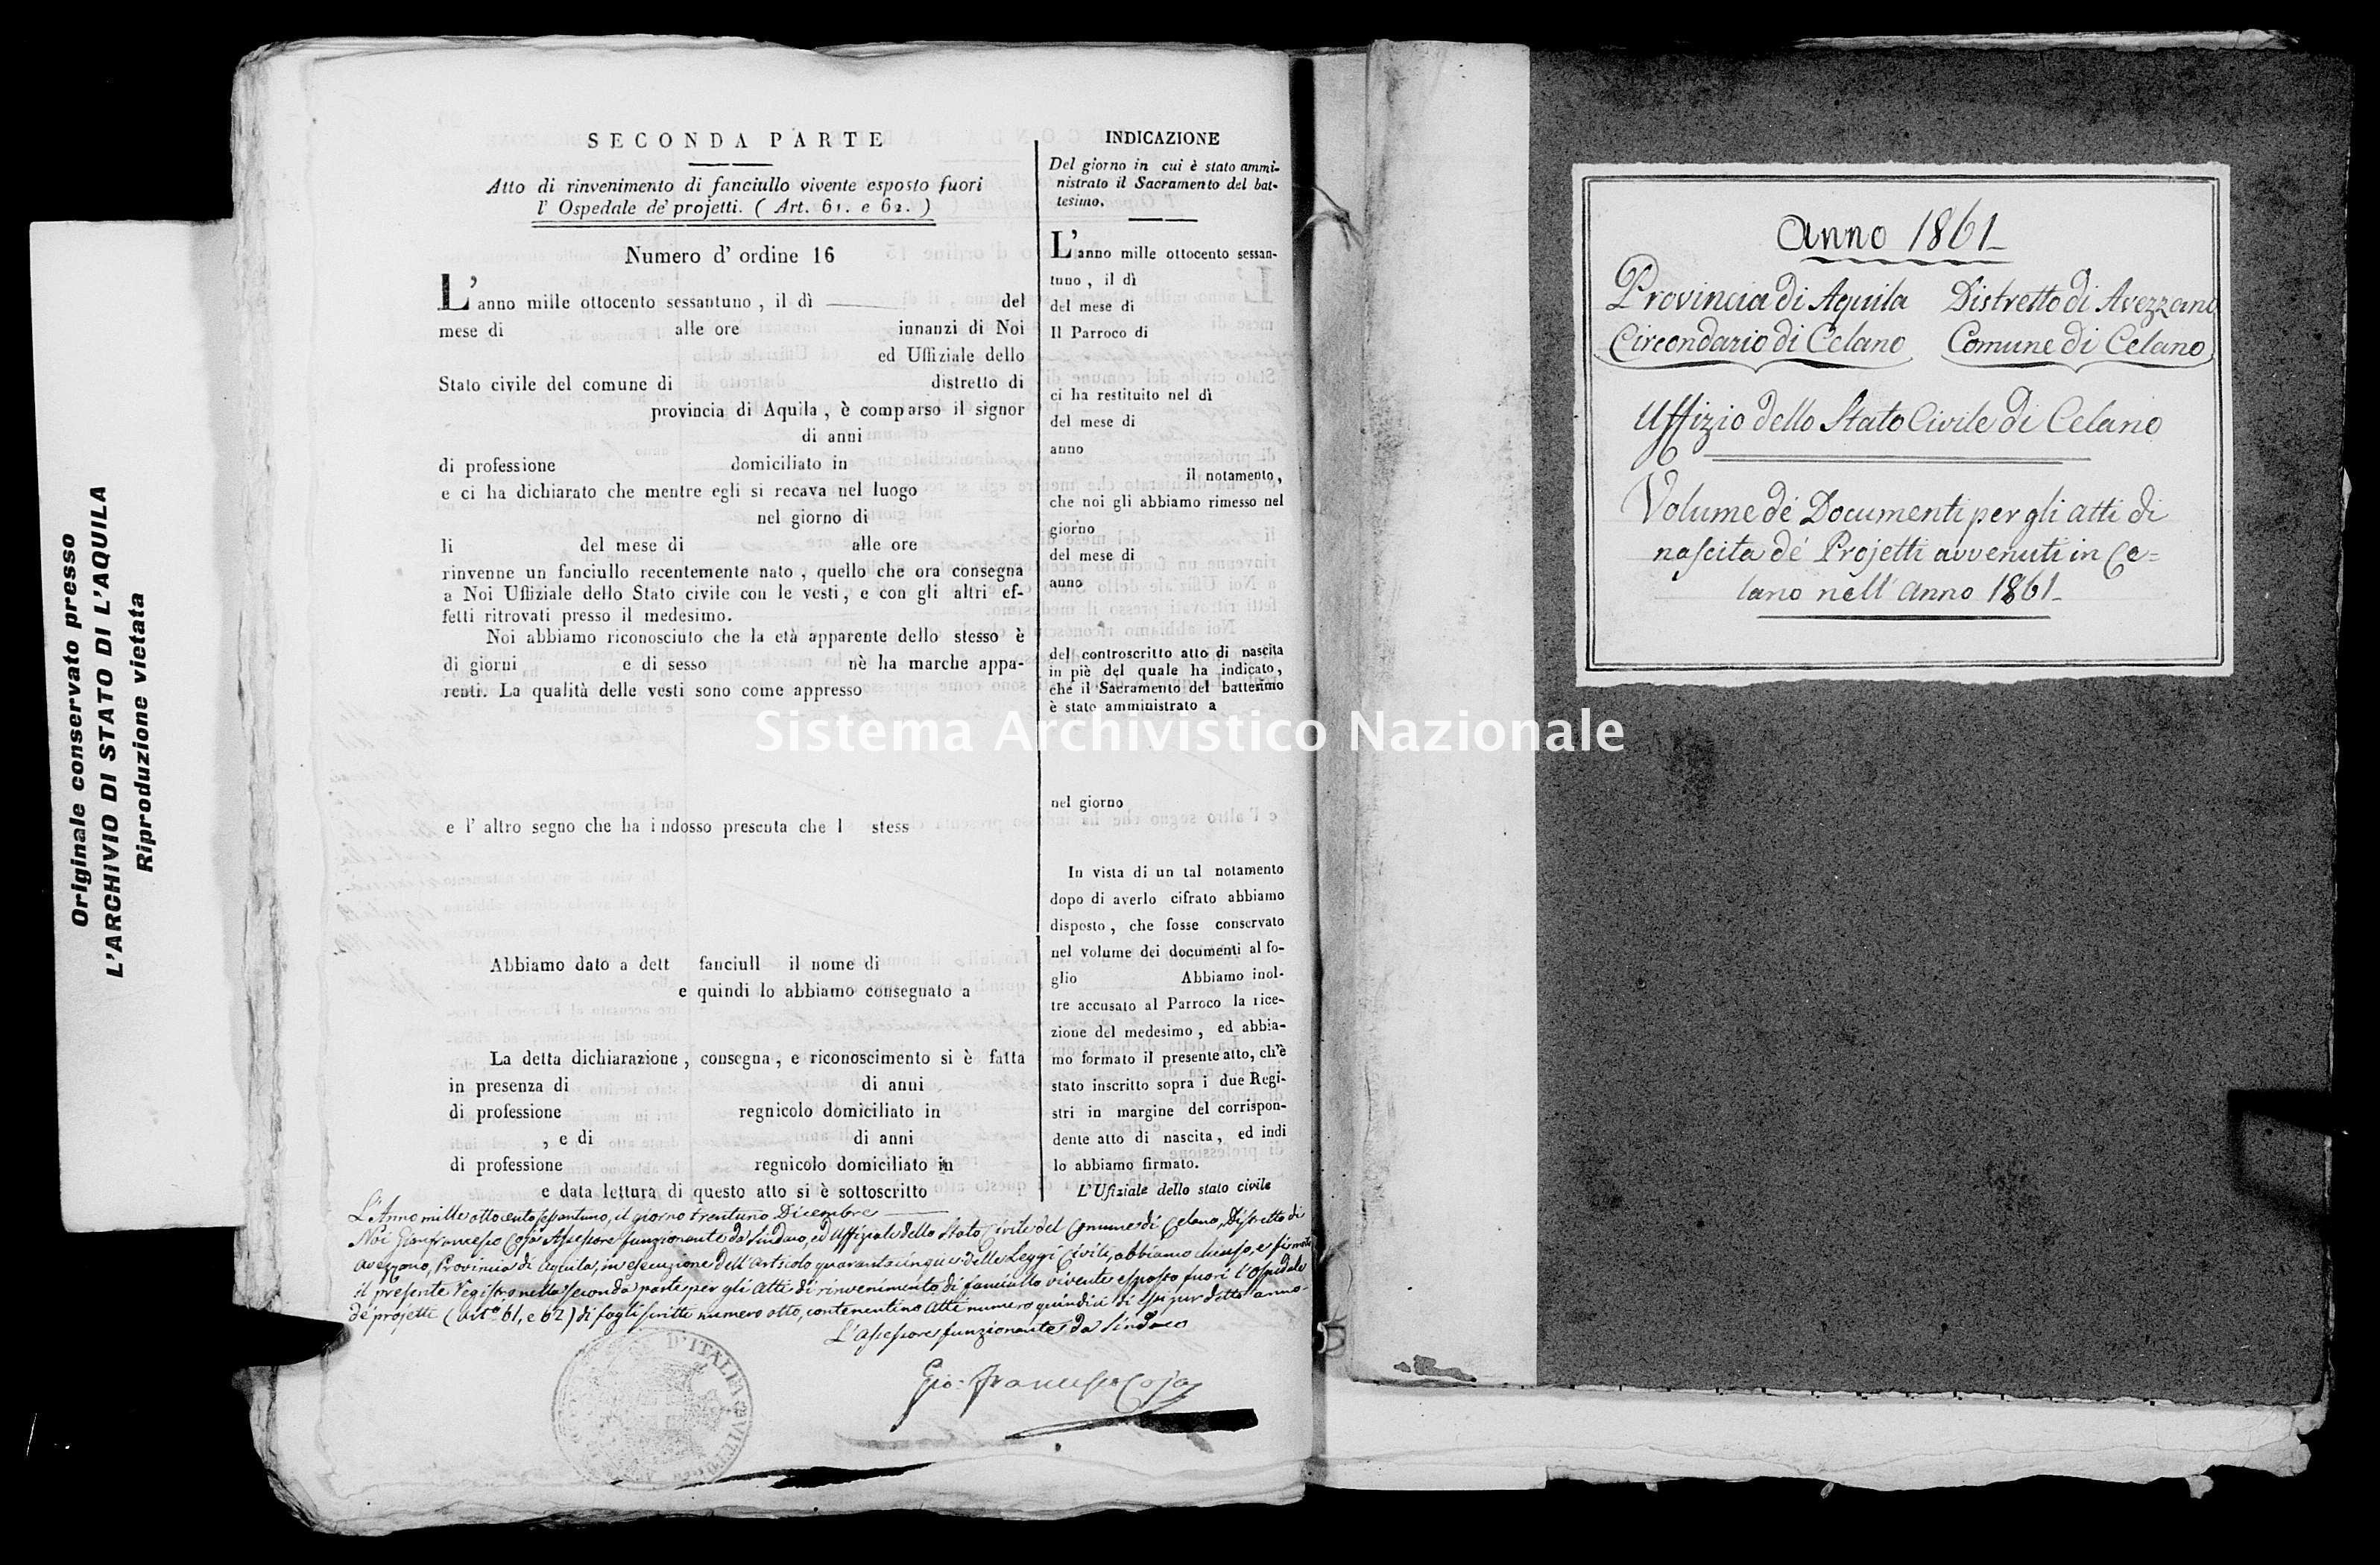 Archivio di stato di L'aquila - Stato civile italiano - Celano - Nati, battesimi esposti - 1861 - 1540 -